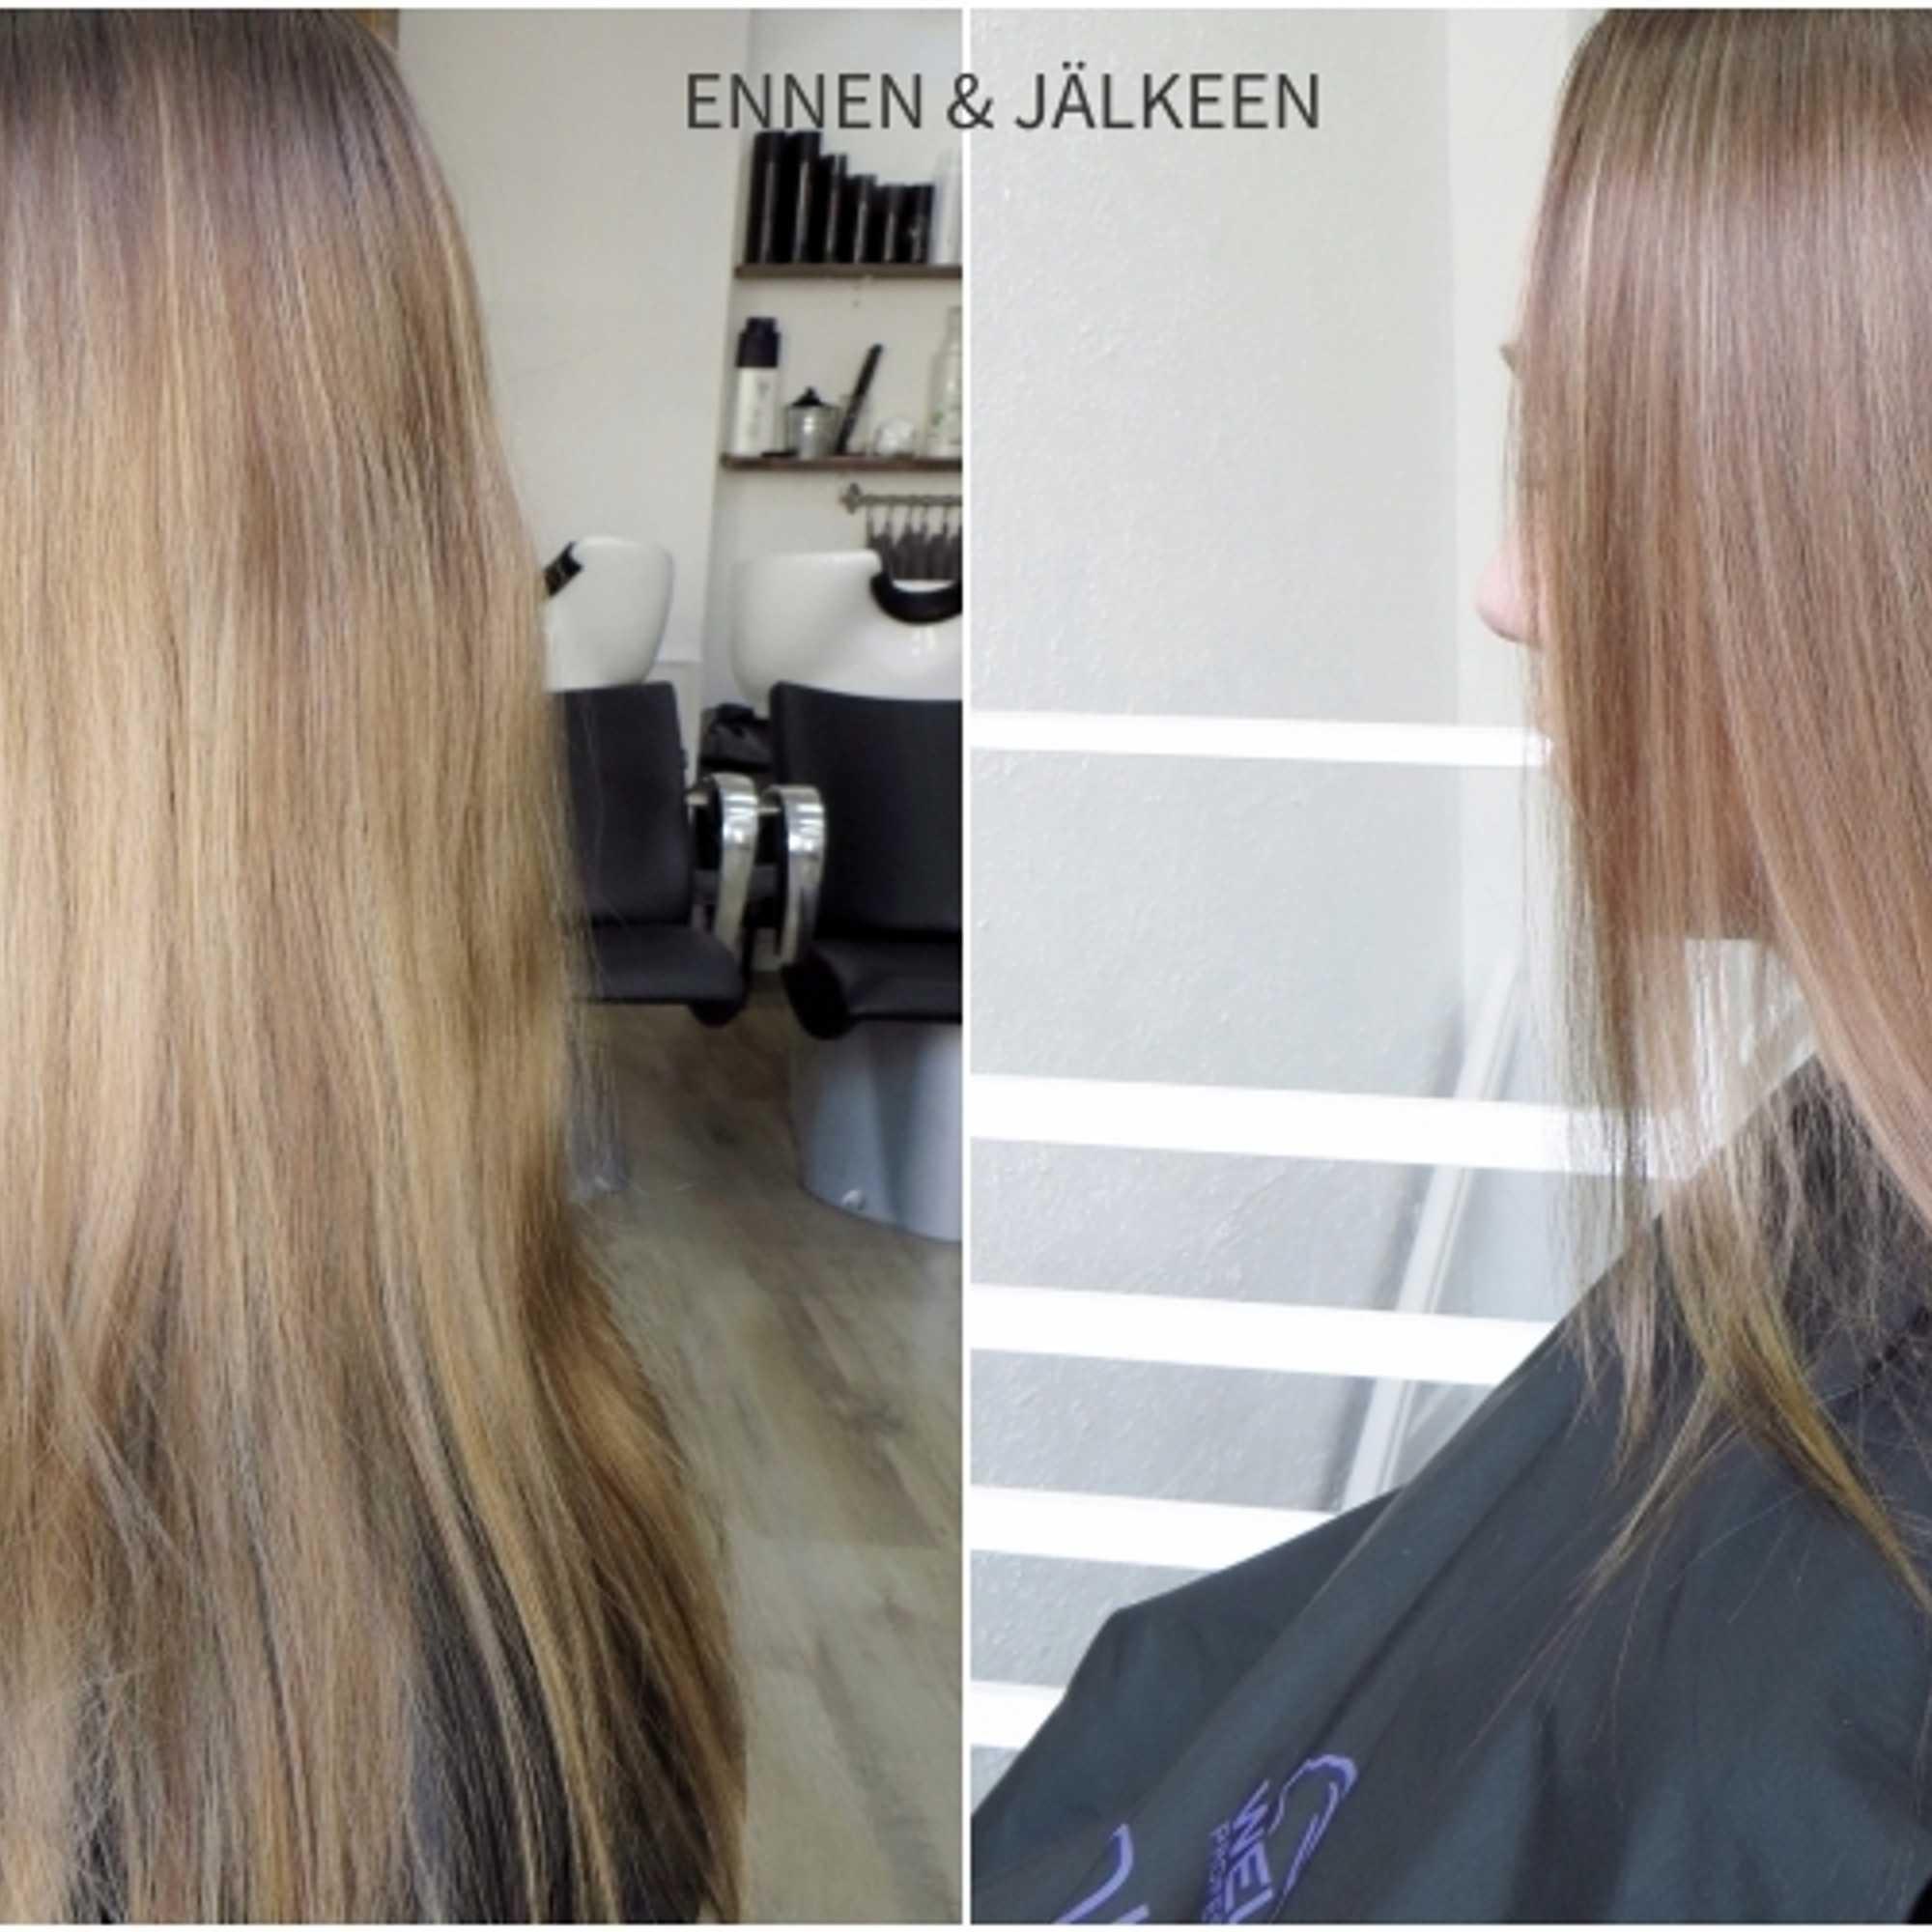 Tällainen hiusmuutos sopii raskaana oleville - katso kuvat! a73289ca7f